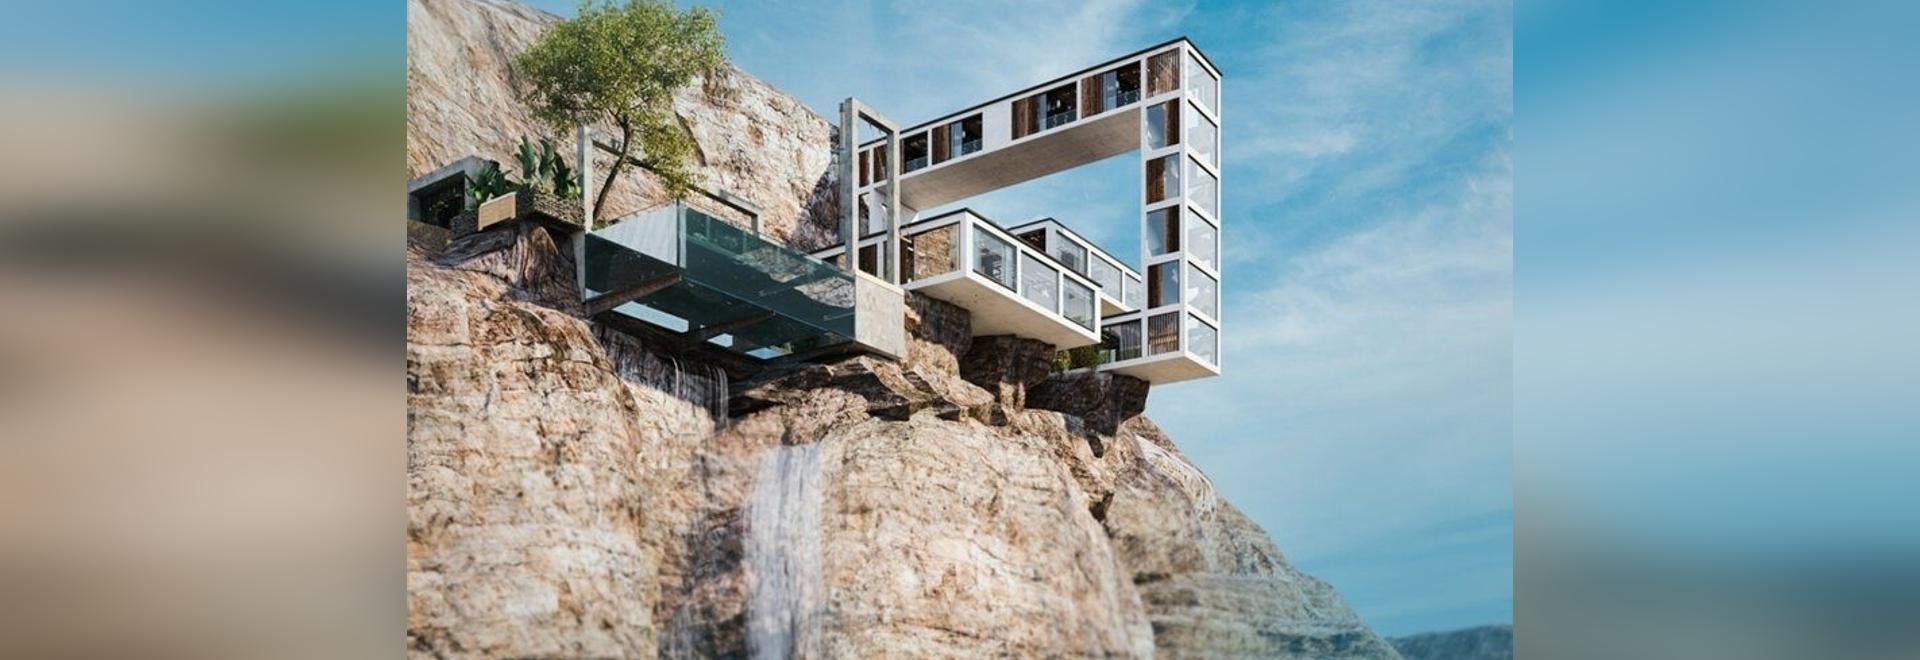 """La """"casa di montagna"""" a sbalzo di Milad Eshtiyaghi serpeggia su una scogliera in tre dimensioni"""